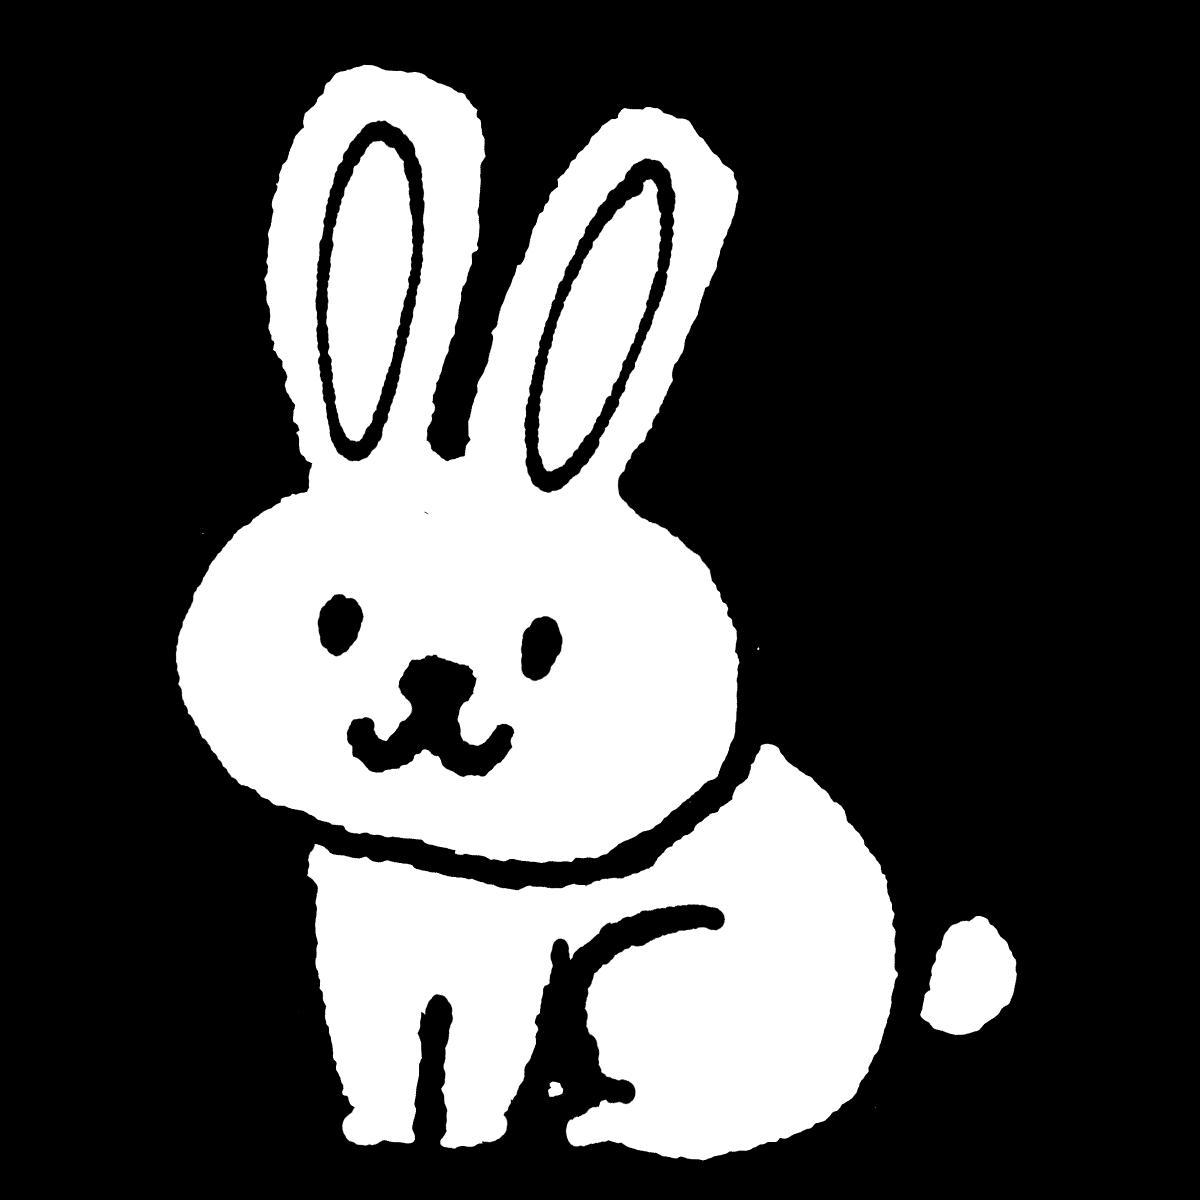 座るウサギのイラスト / Sitting rabbit  Illustration